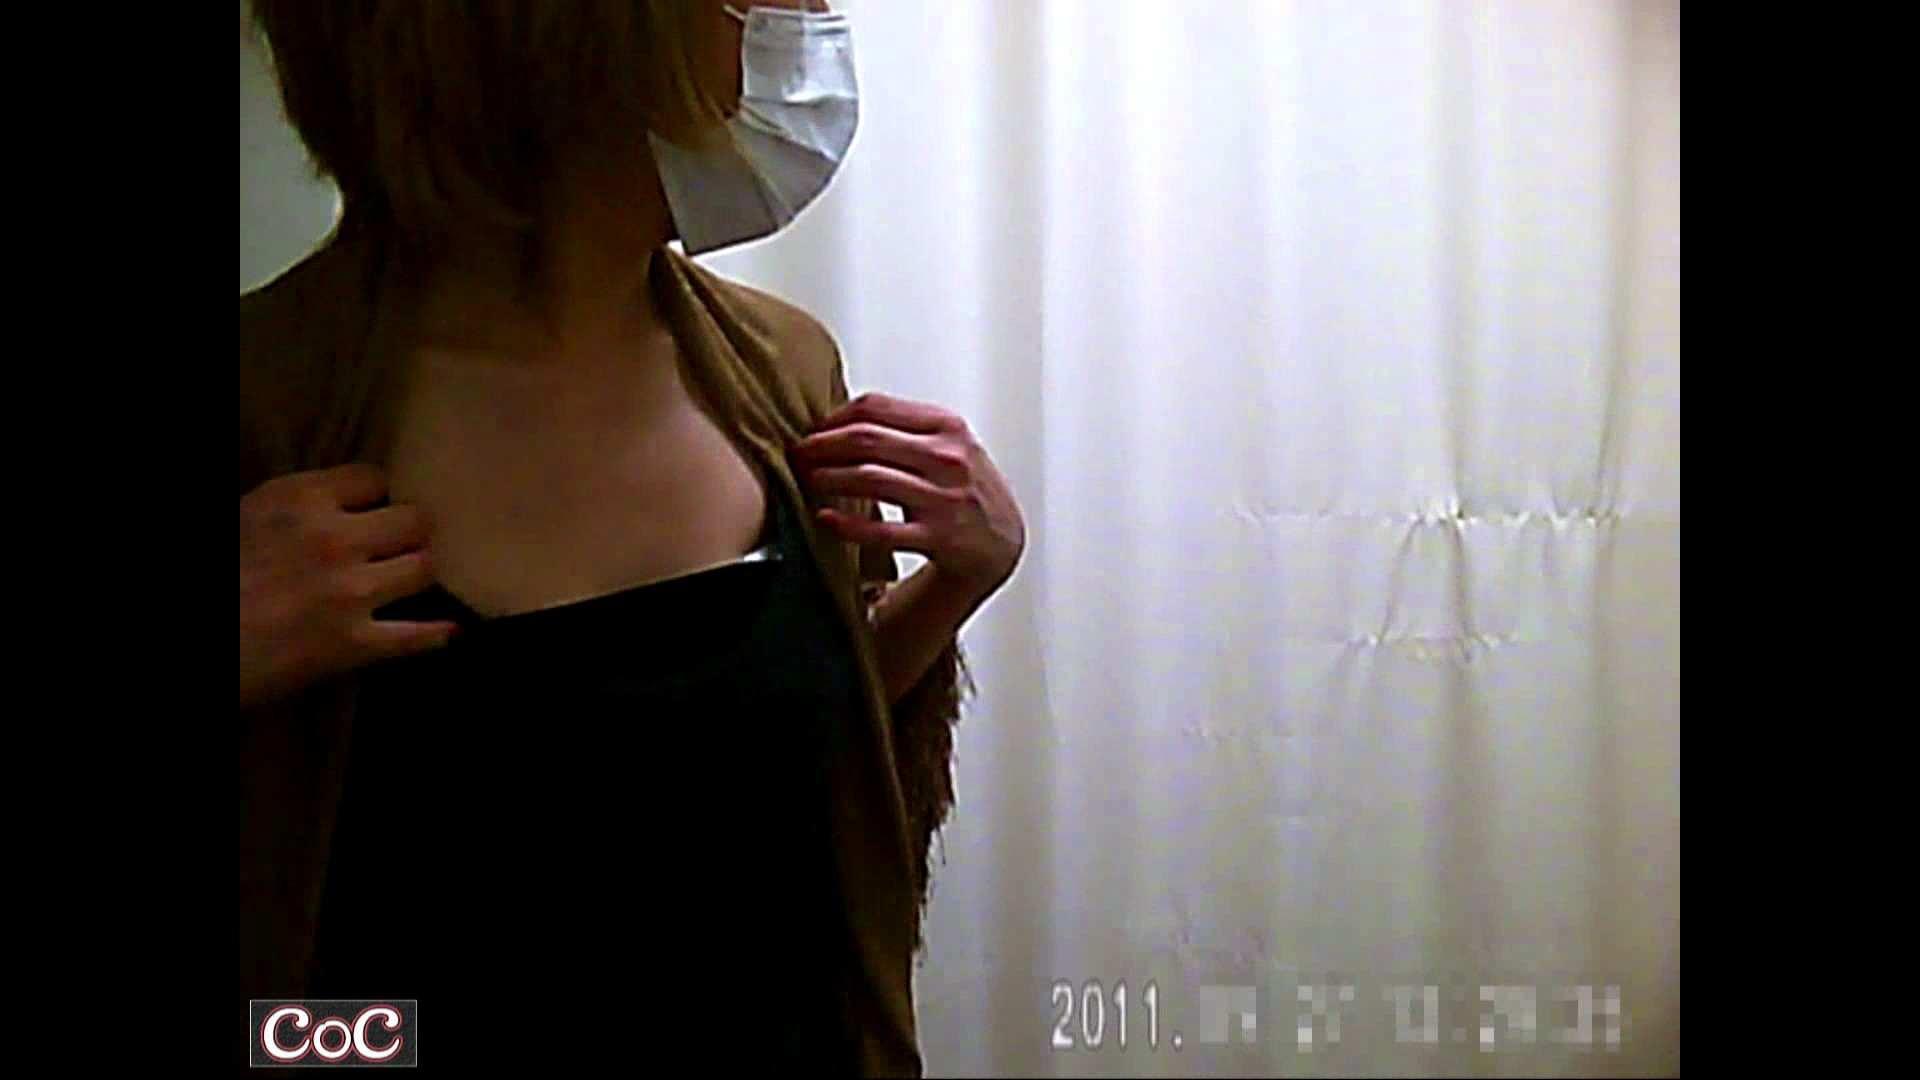 病院おもいっきり着替え! vol.36 盗撮 覗きおまんこ画像 69PIX 59